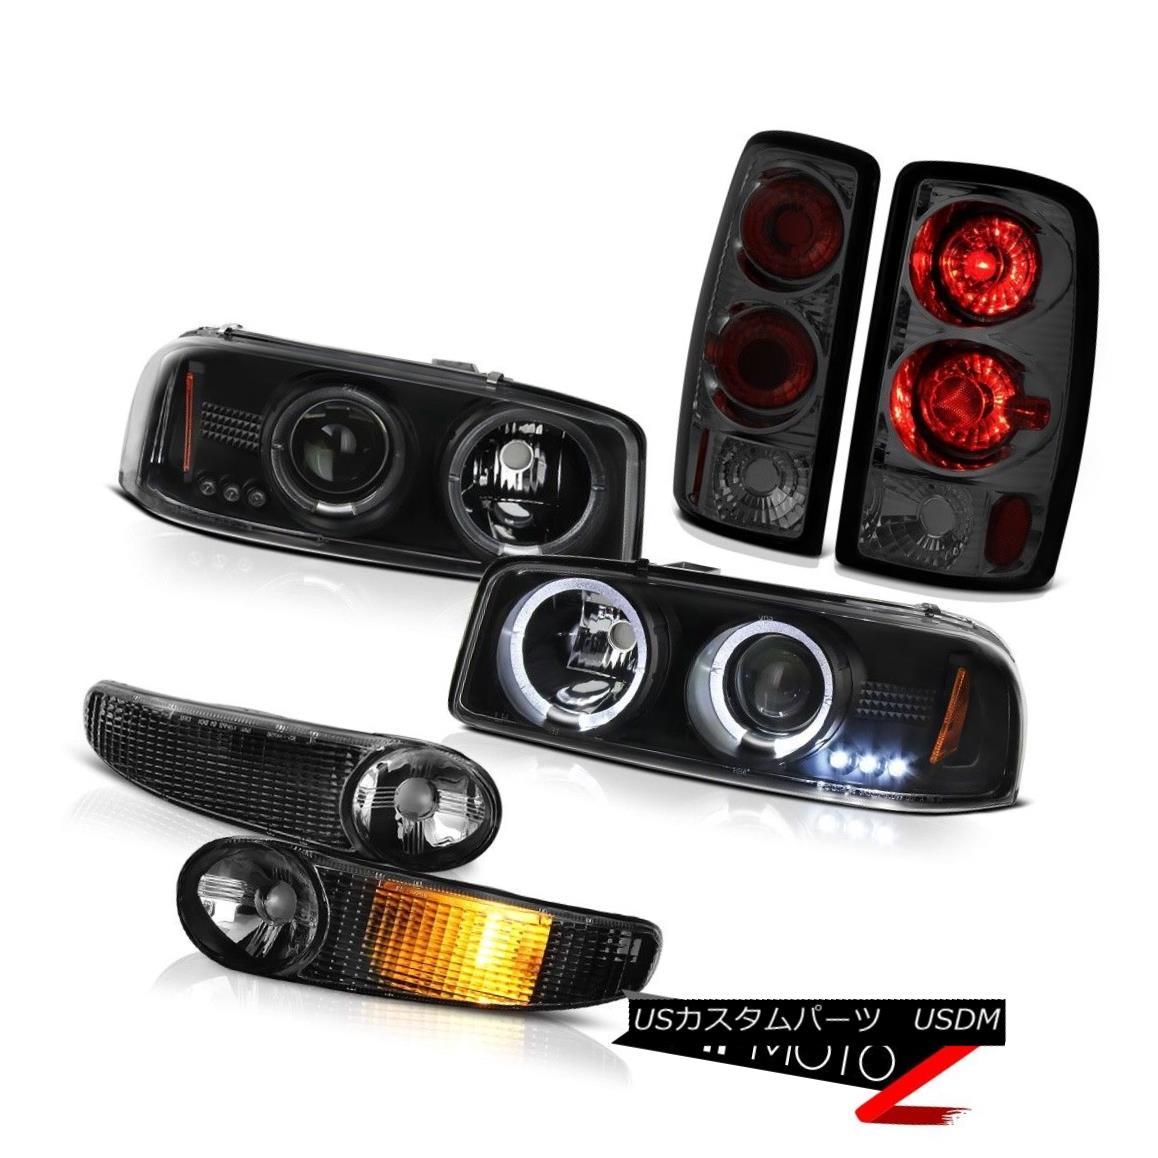 ヘッドライト 00-06 Denali DRL Halo Headlights Satin Black Yukon Signal Smoke Rear Tail Lights 00-06デナリDRLハローヘッドライトサテンブラックユーコンシグナルスモールリアテールライト